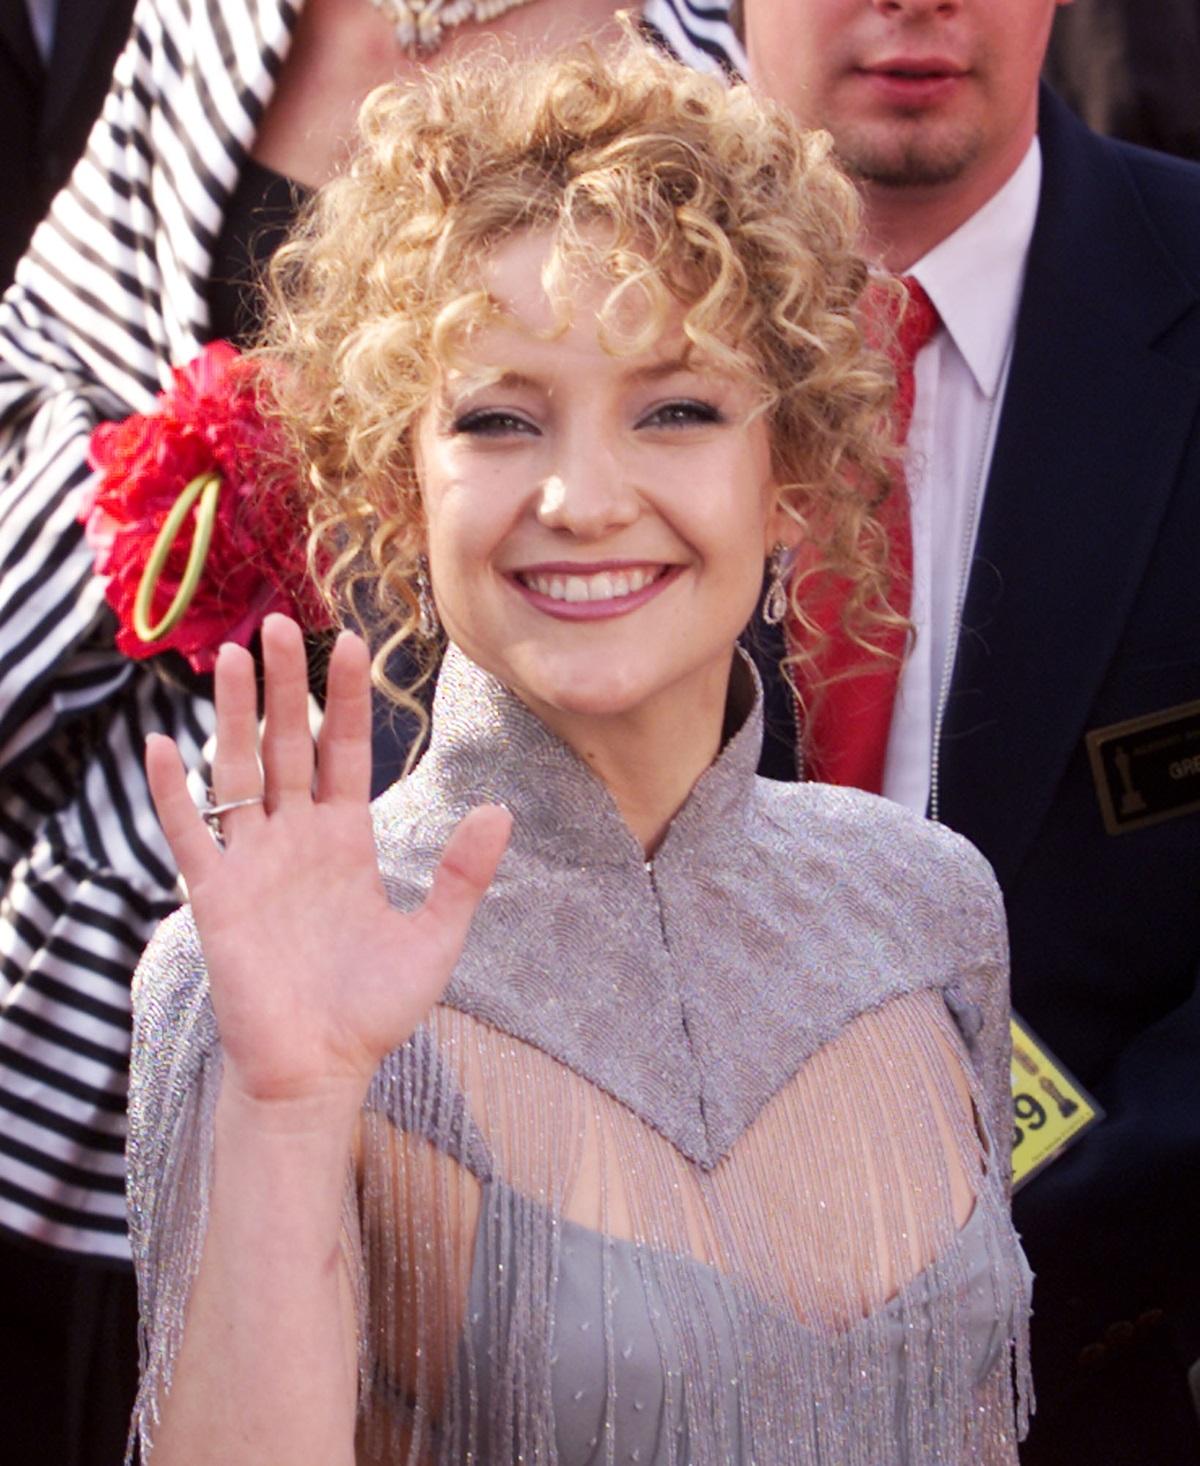 Една от най-известните блондинки в Холивуд често е експериментирала с прическата си през годините, но винаги е оставала вярна на русото.